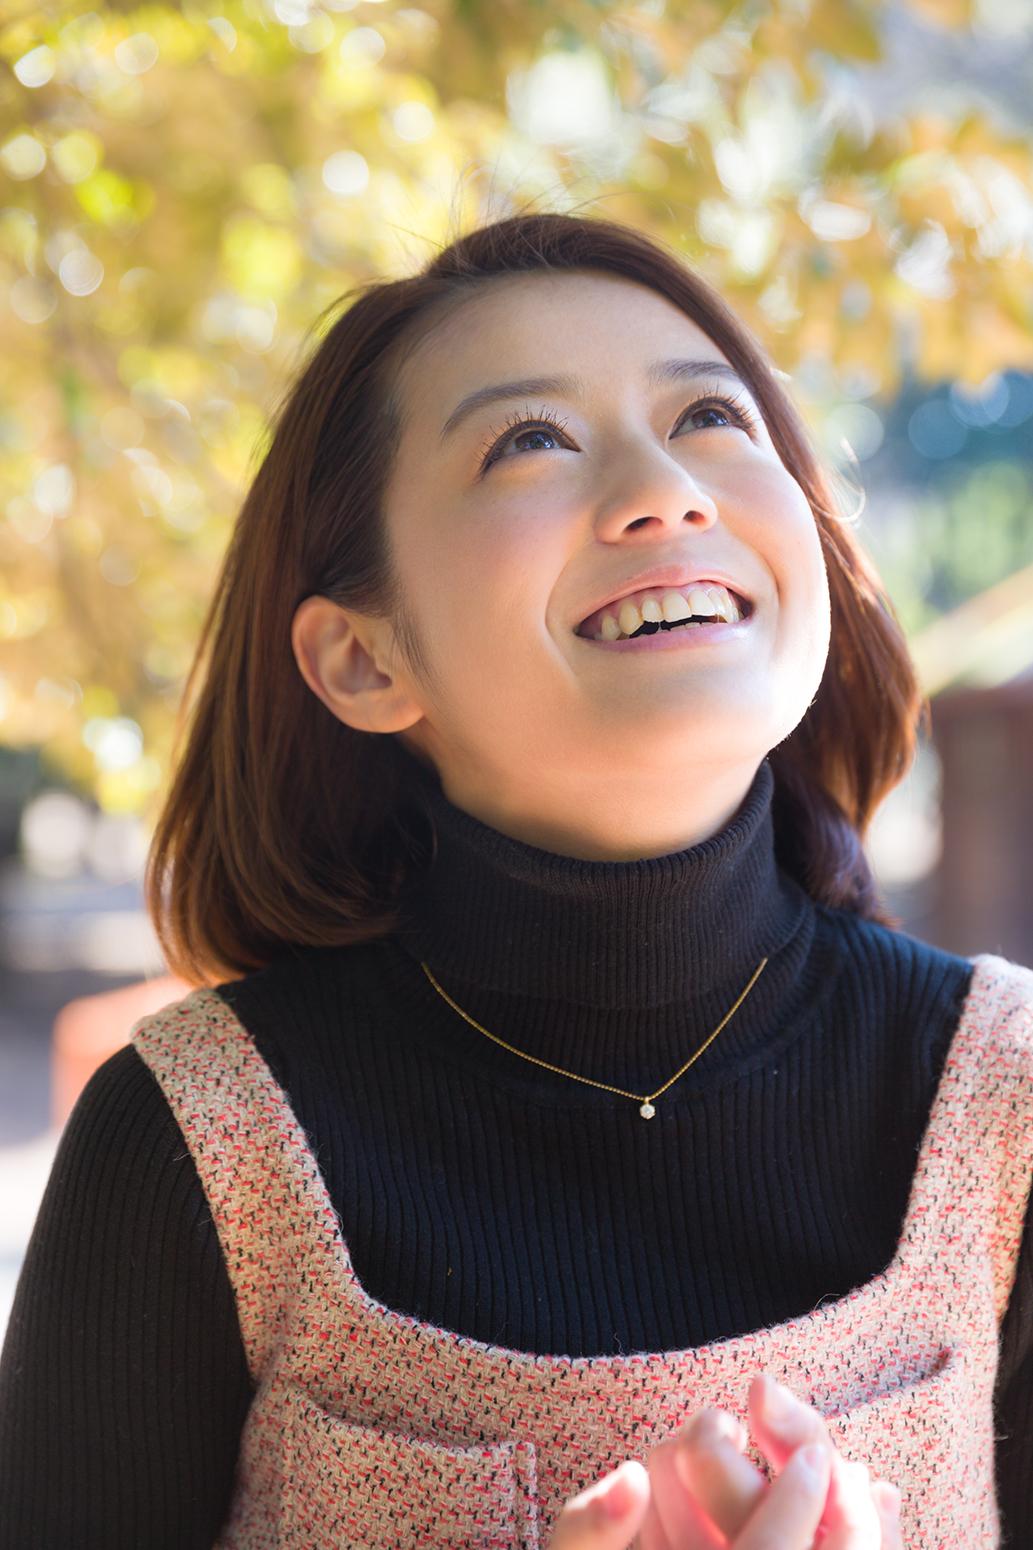 女性芸能人の唾スレ12 [無断転載禁止]©bbspink.comYouTube動画>21本 dailymotion>3本 ->画像>375枚